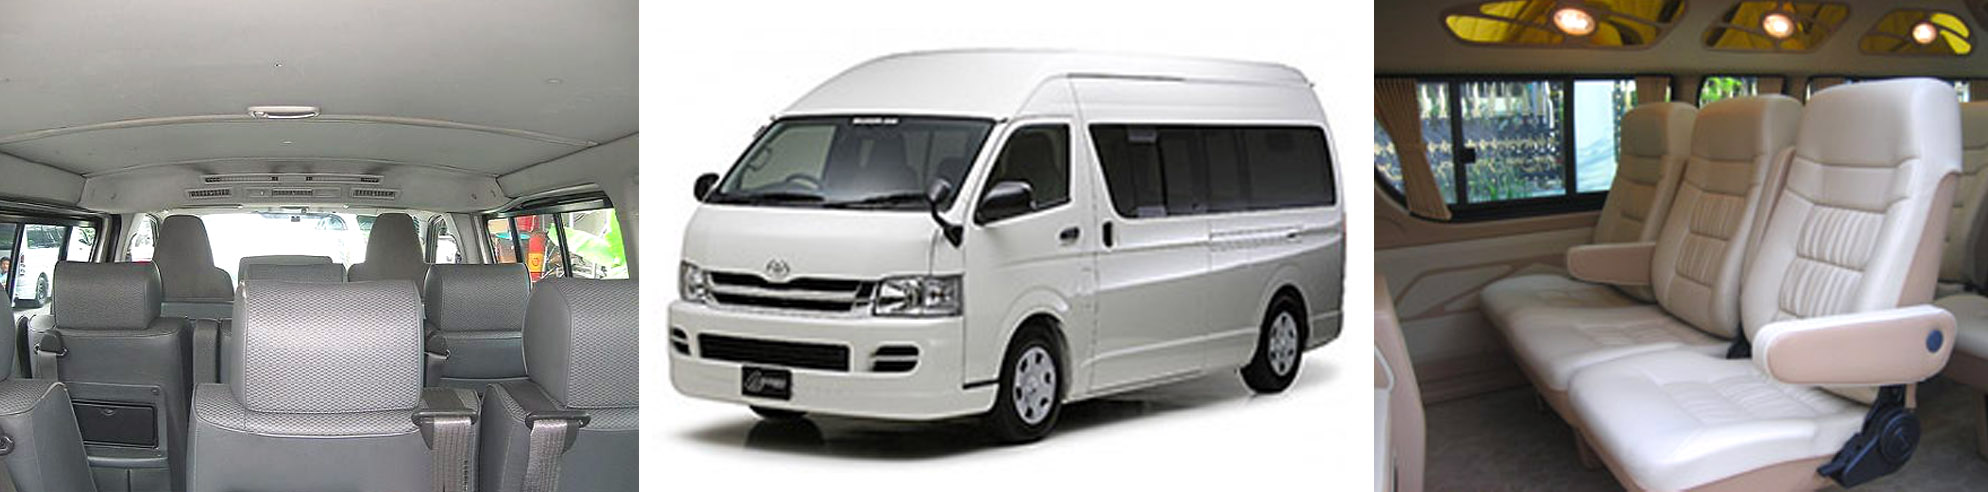 bangkoktourguide-privatevan.jpg